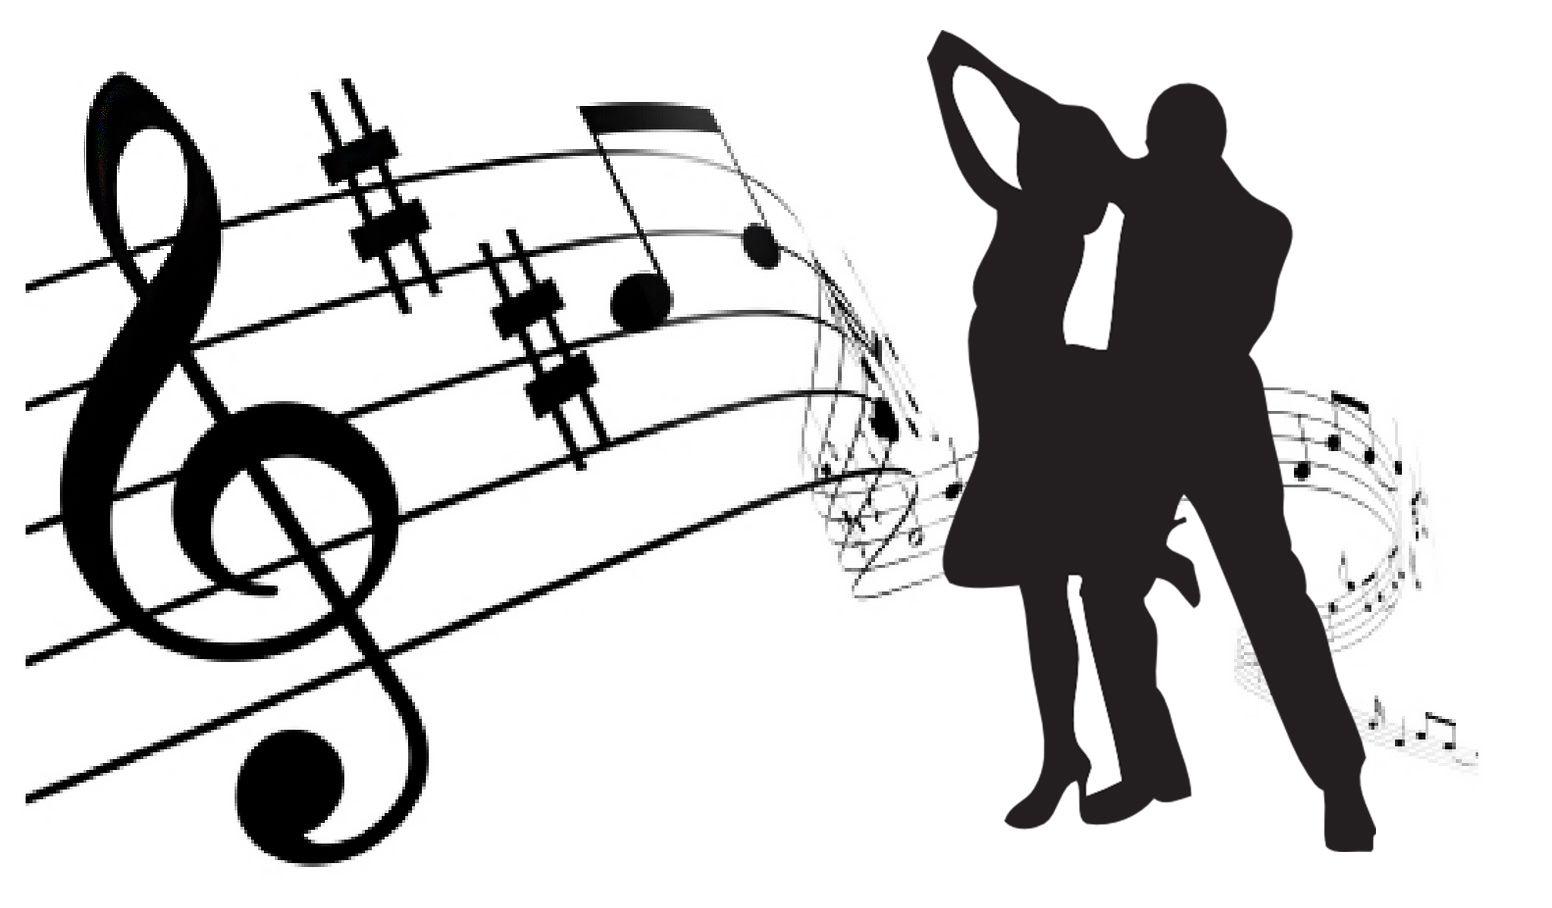 Salsamusik För Nybörjare 10 Låtar För Dig Som Vill Lära Dig Salsa